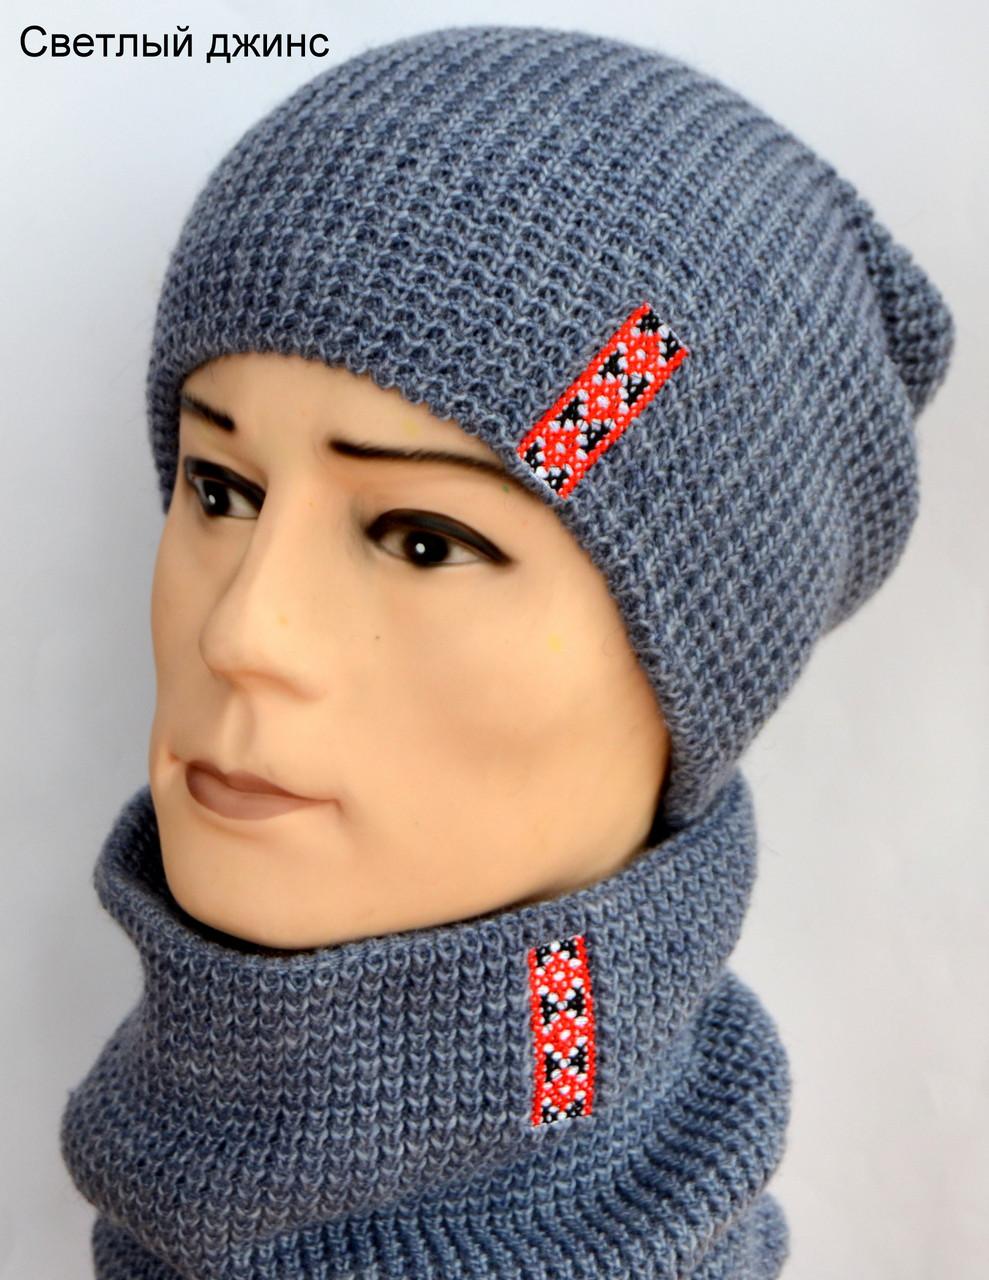 Зимняя шапка для подрстков мальчиков